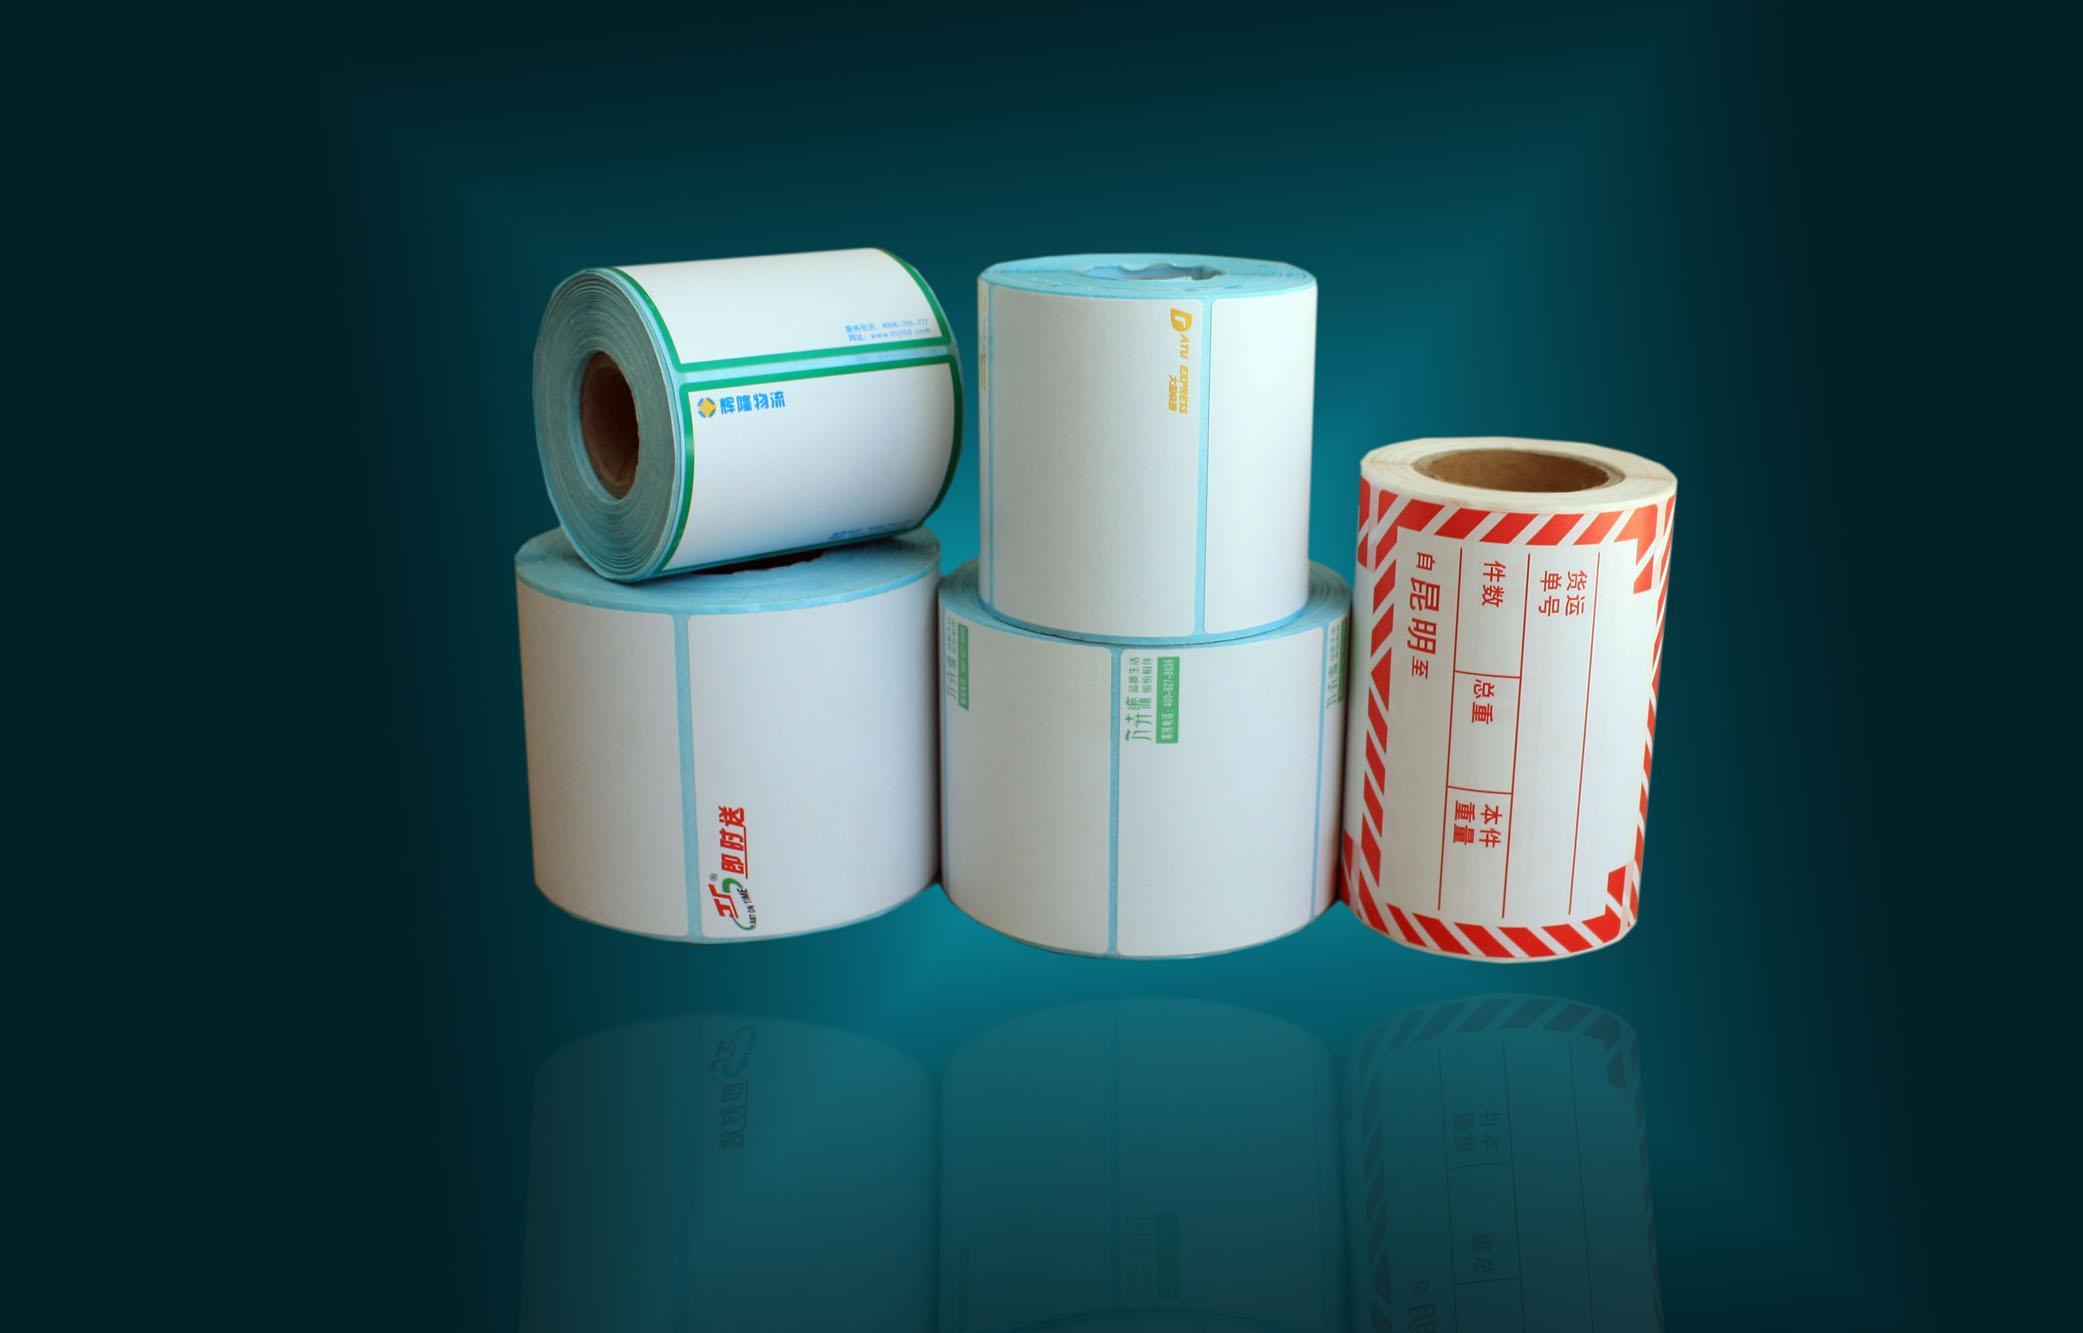 昆明卷筒不干胶印刷公司告诉你什么是不干胶标签